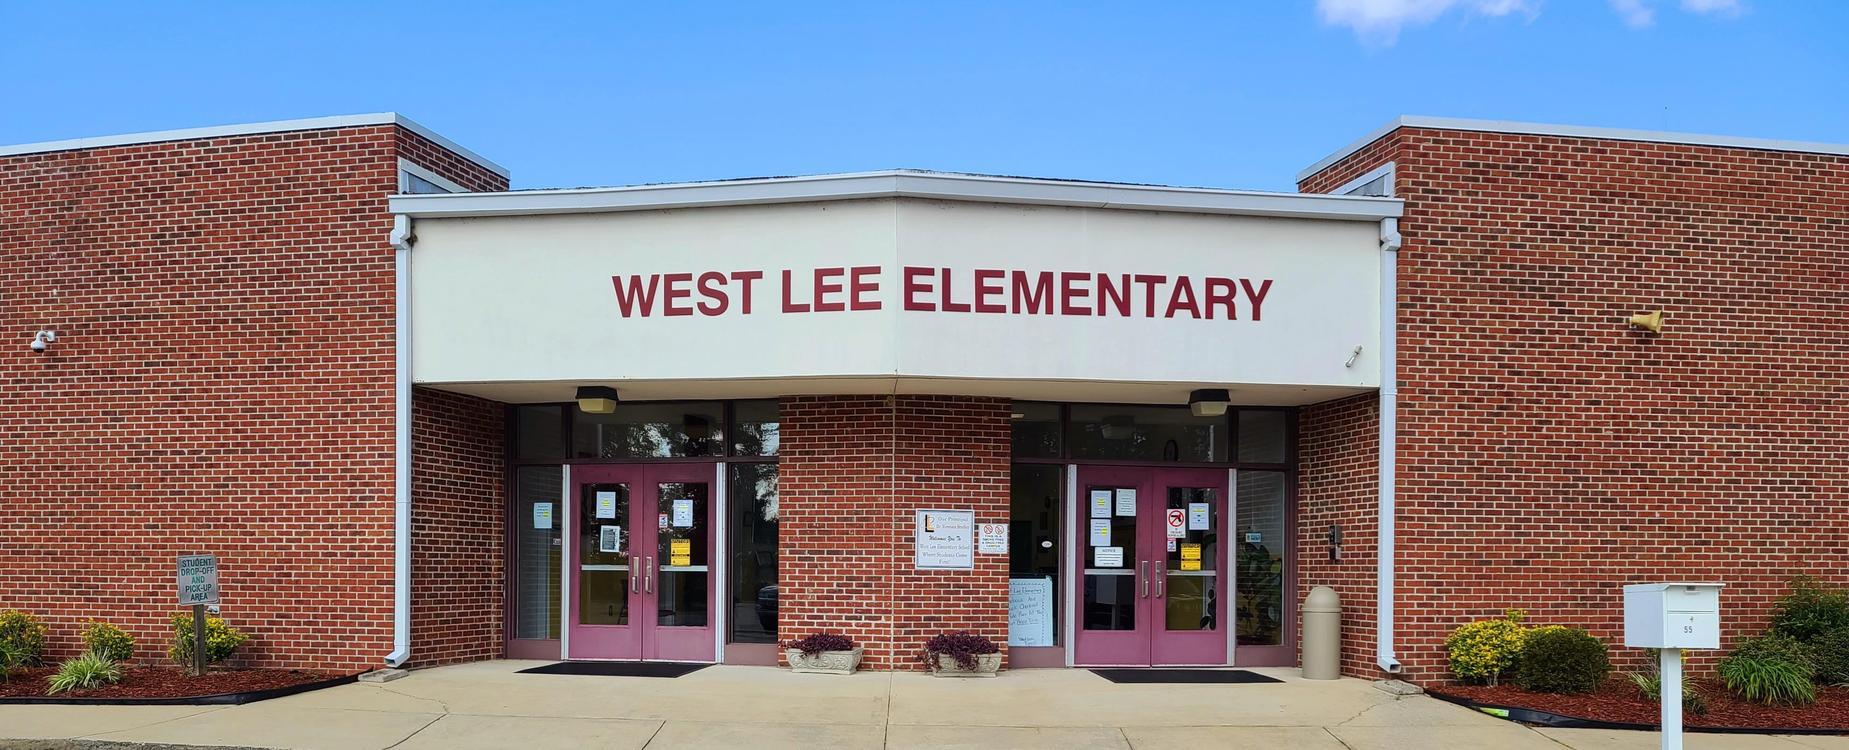 West Lee Elementary School